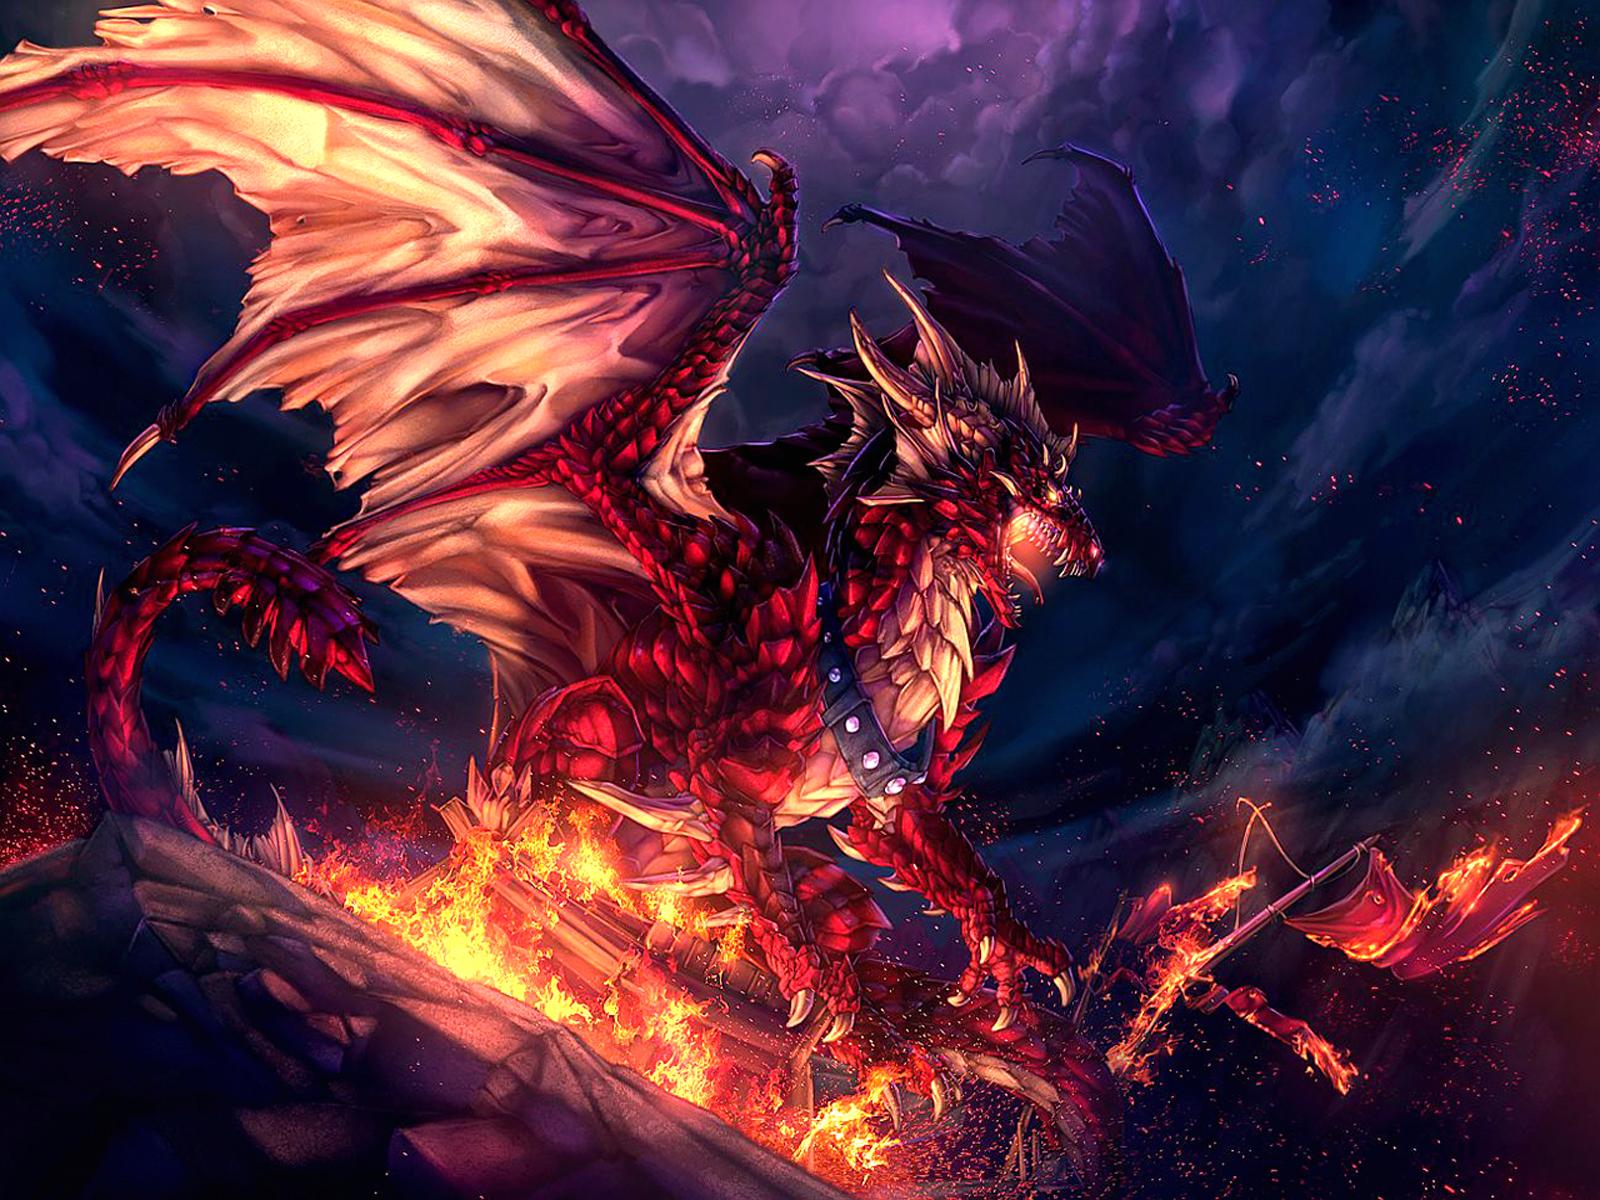 Dragon Dragons Wallpaper 28270763 Fanpop